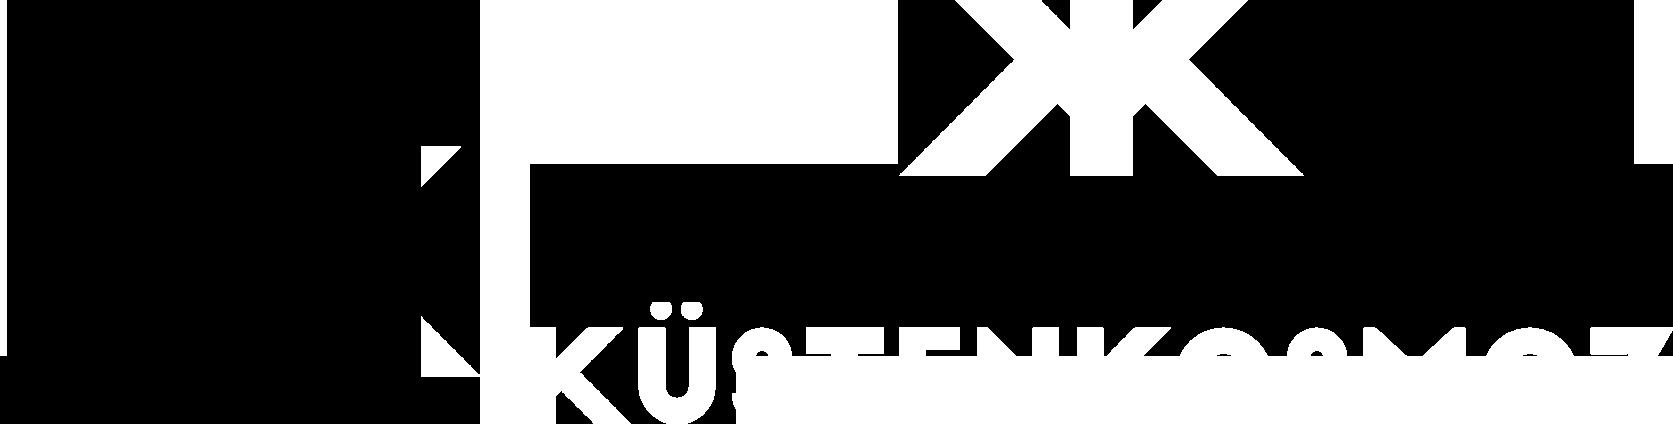 Küstenkosmoz